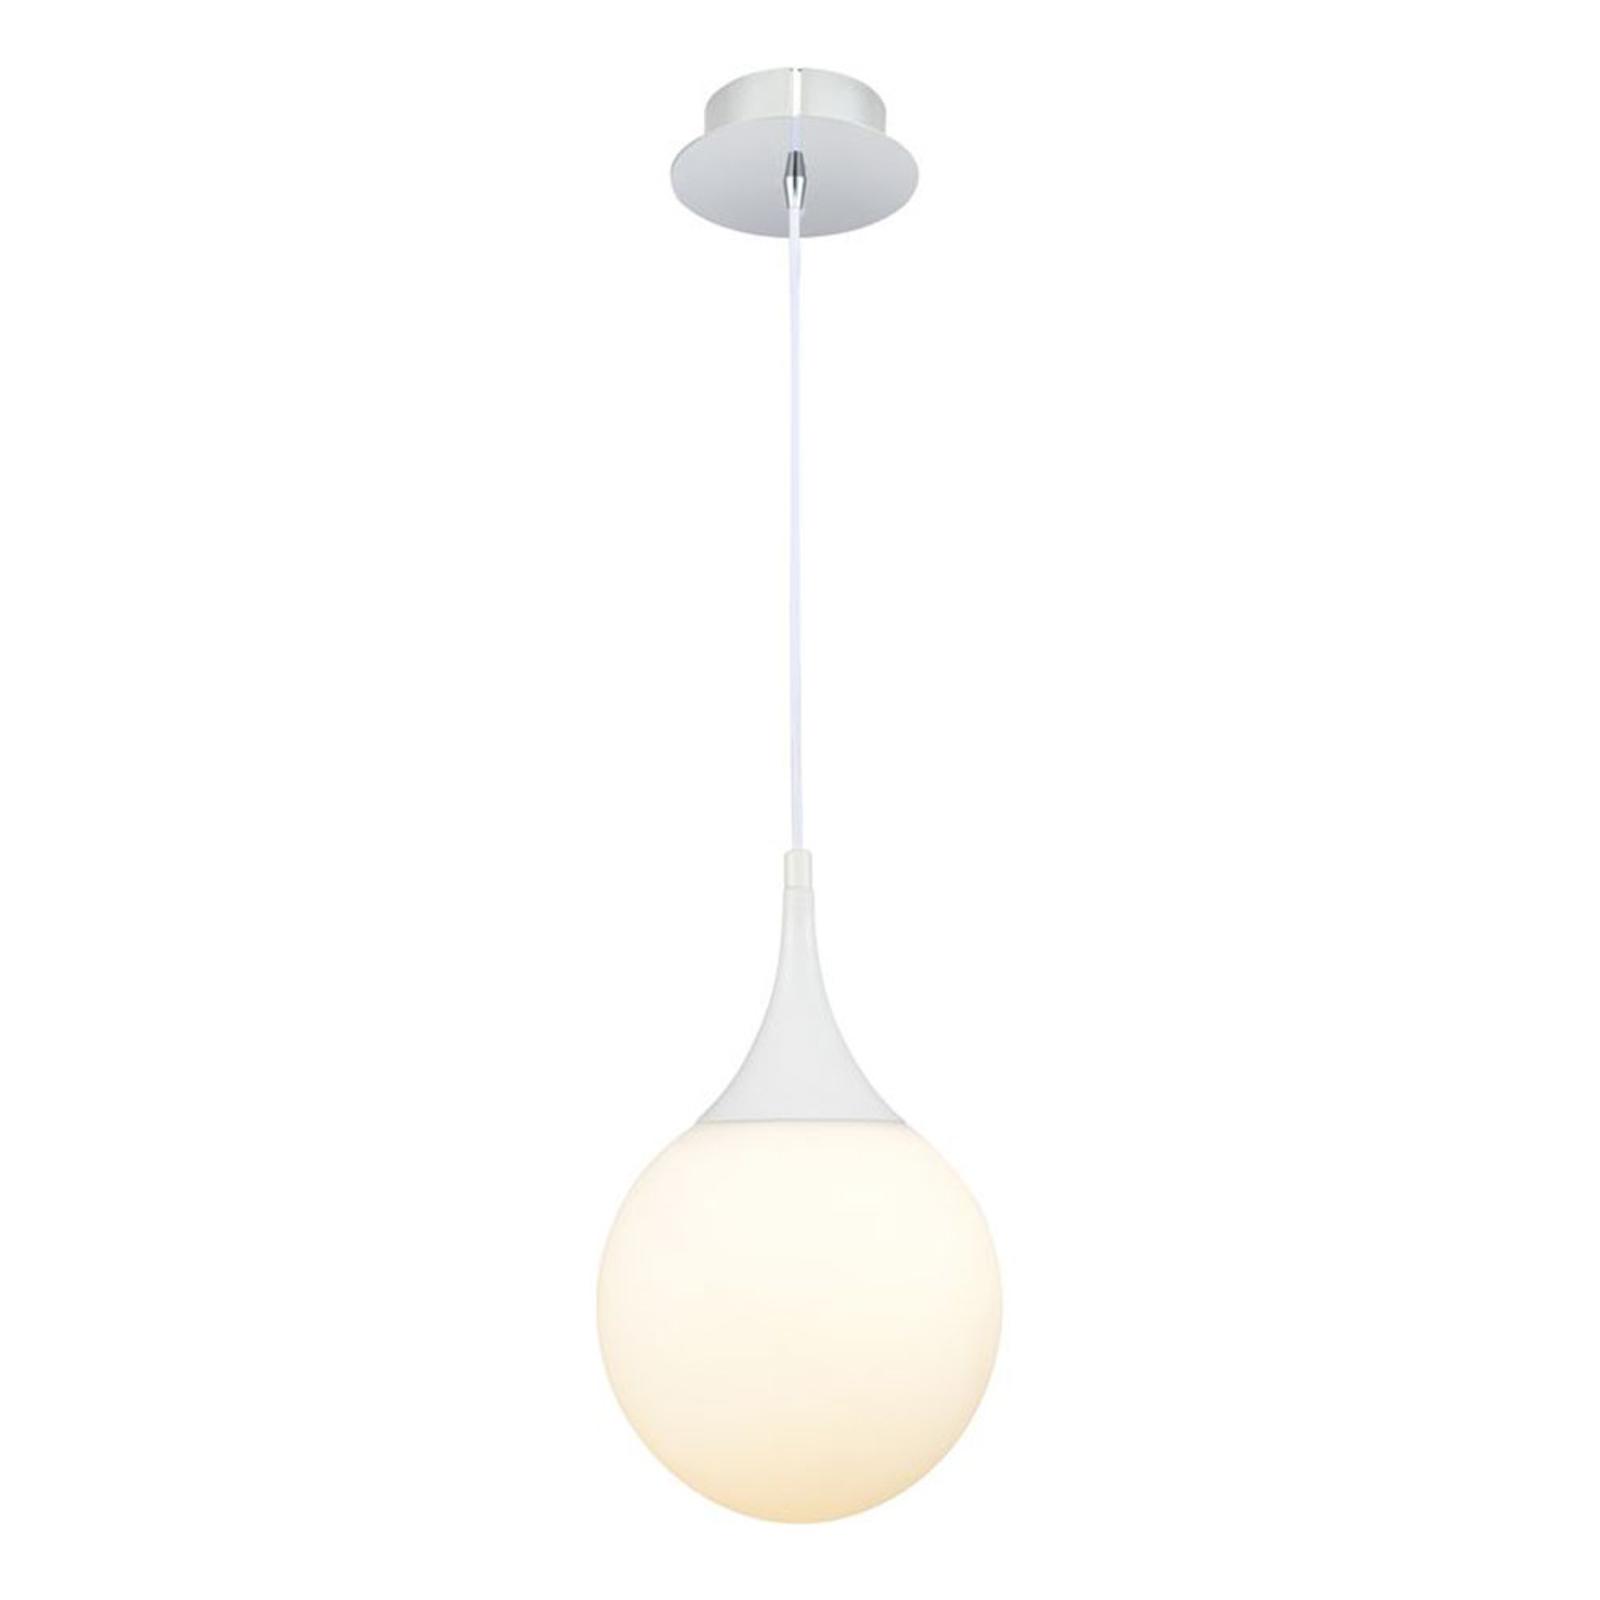 Sneeuwwitte hanglamp Dewdrop - 20 cm